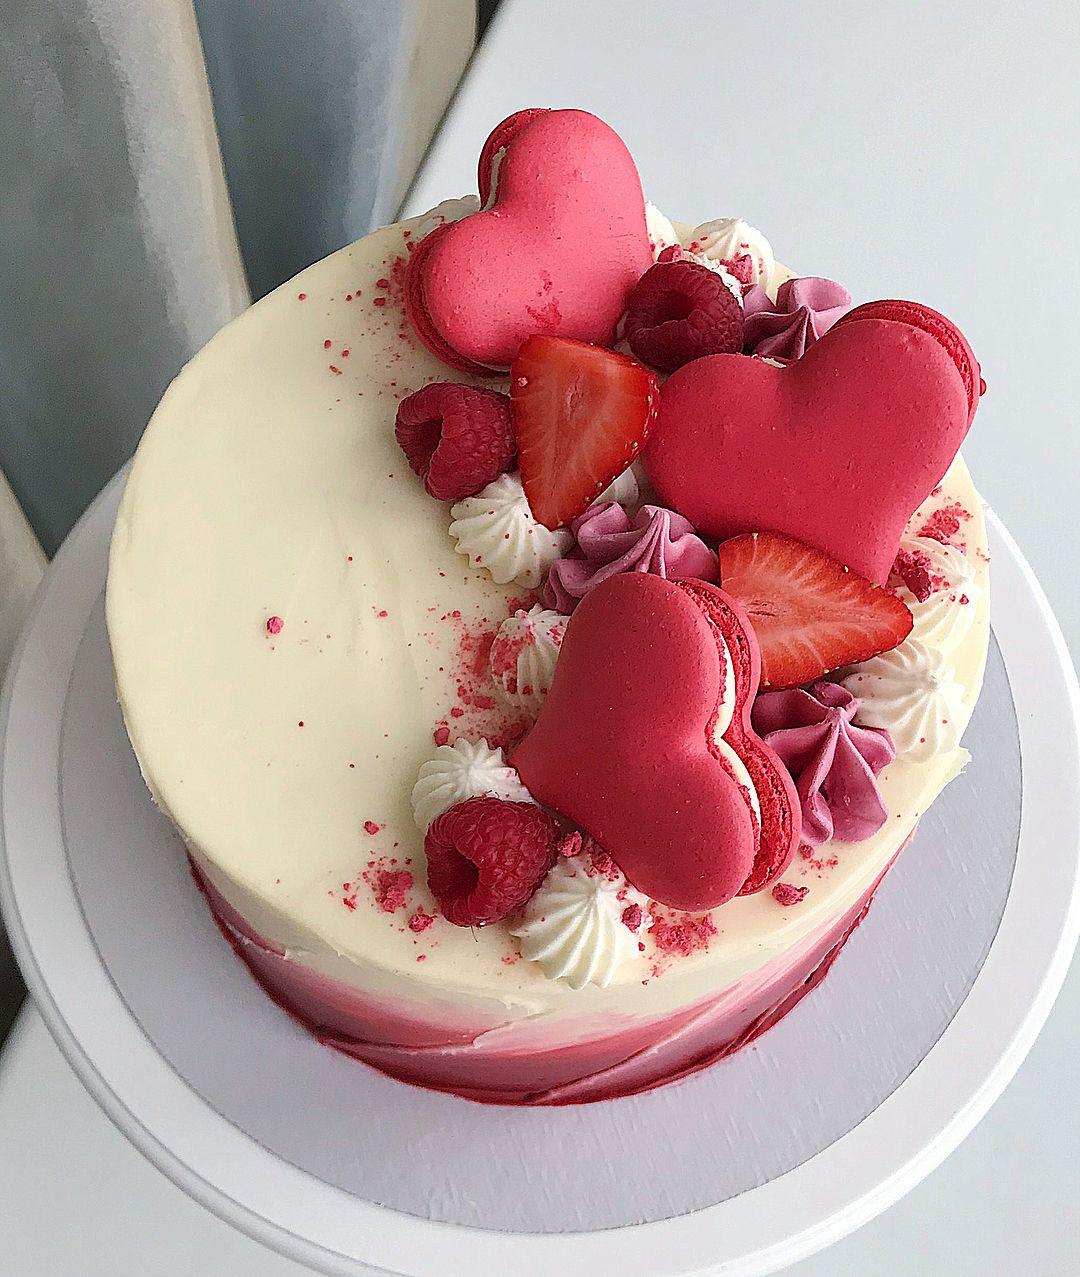 торт на день святого валентина фото рецепт наконец решилась опубликовать